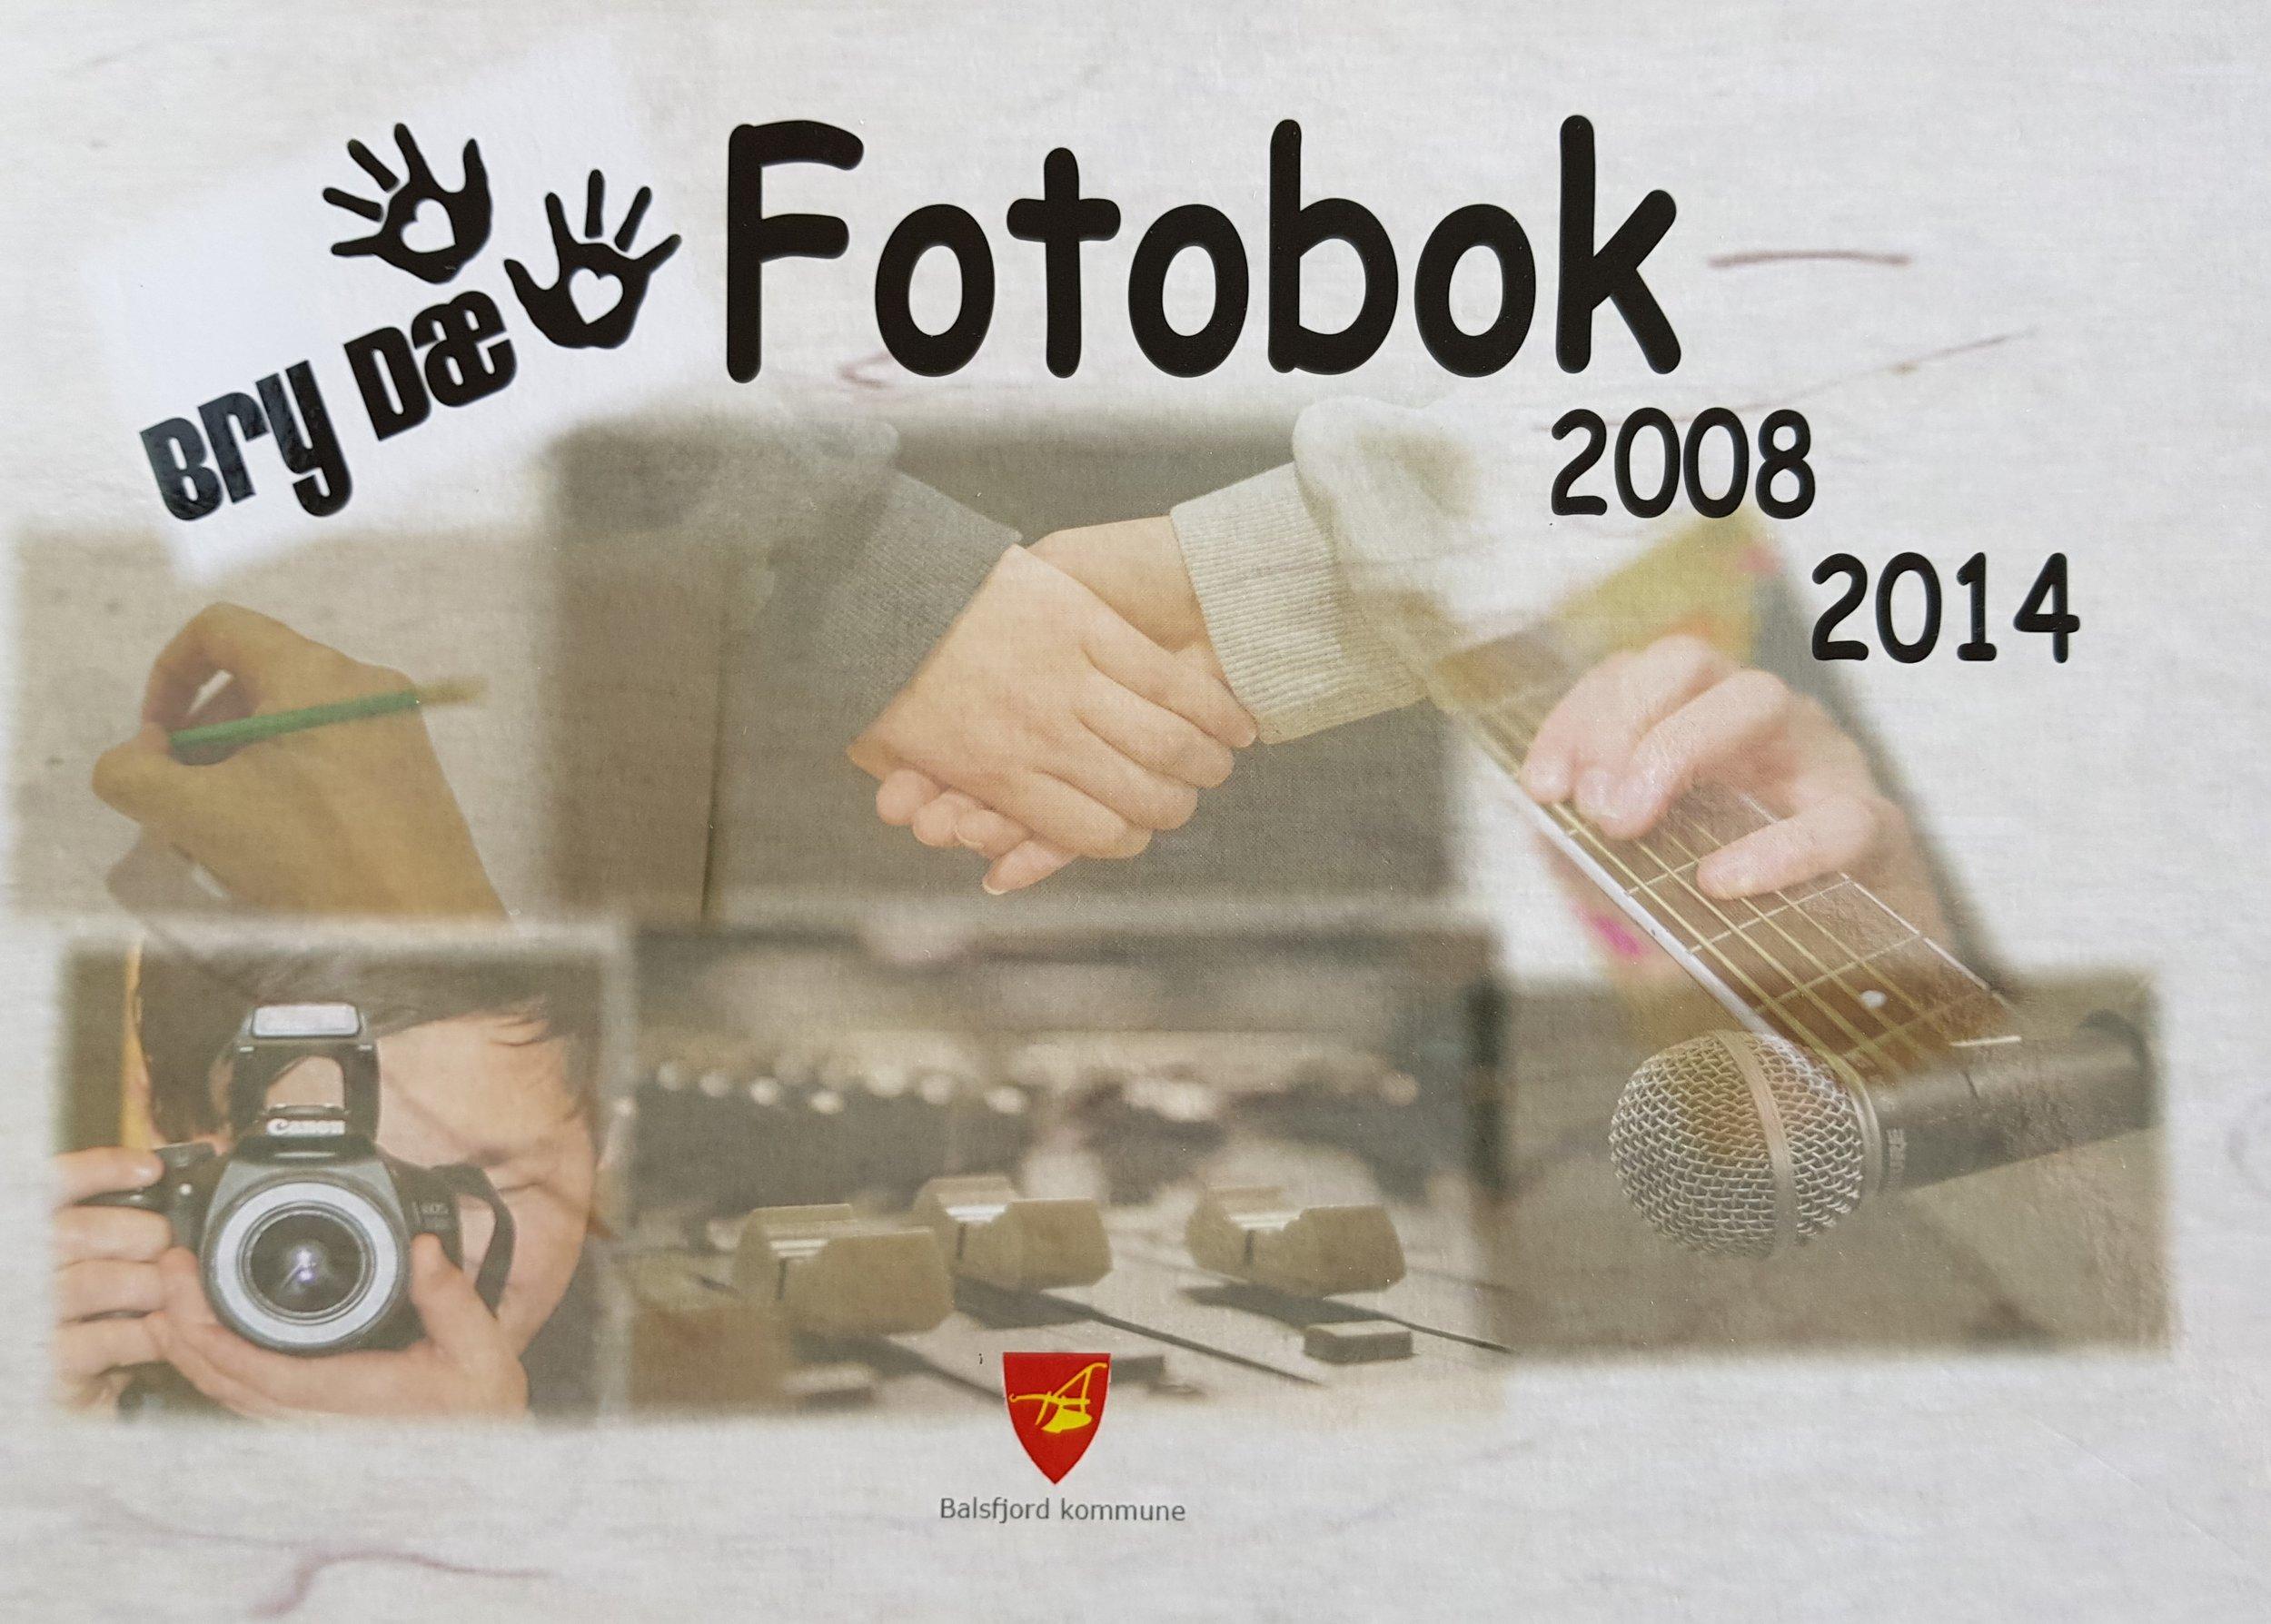 """Bry Dæ-boka - I 2008 startet Bry Dæ - et tverrfaglig initiativ og prosjekt i Balsfjord kommune som hvert år kulminerer i ei ungdomsforestilling.Jeg fikk oppdraget med å sette sammen ei minnebok om prosjektets syv første år, og Bry Dæ - boka kom ut på nyåret 2015.Omtale av boka kan du lese her: """"Bry dæ i ord og bilder"""", og boka kan fortsatt bestilles via kommunens hjemmesider."""